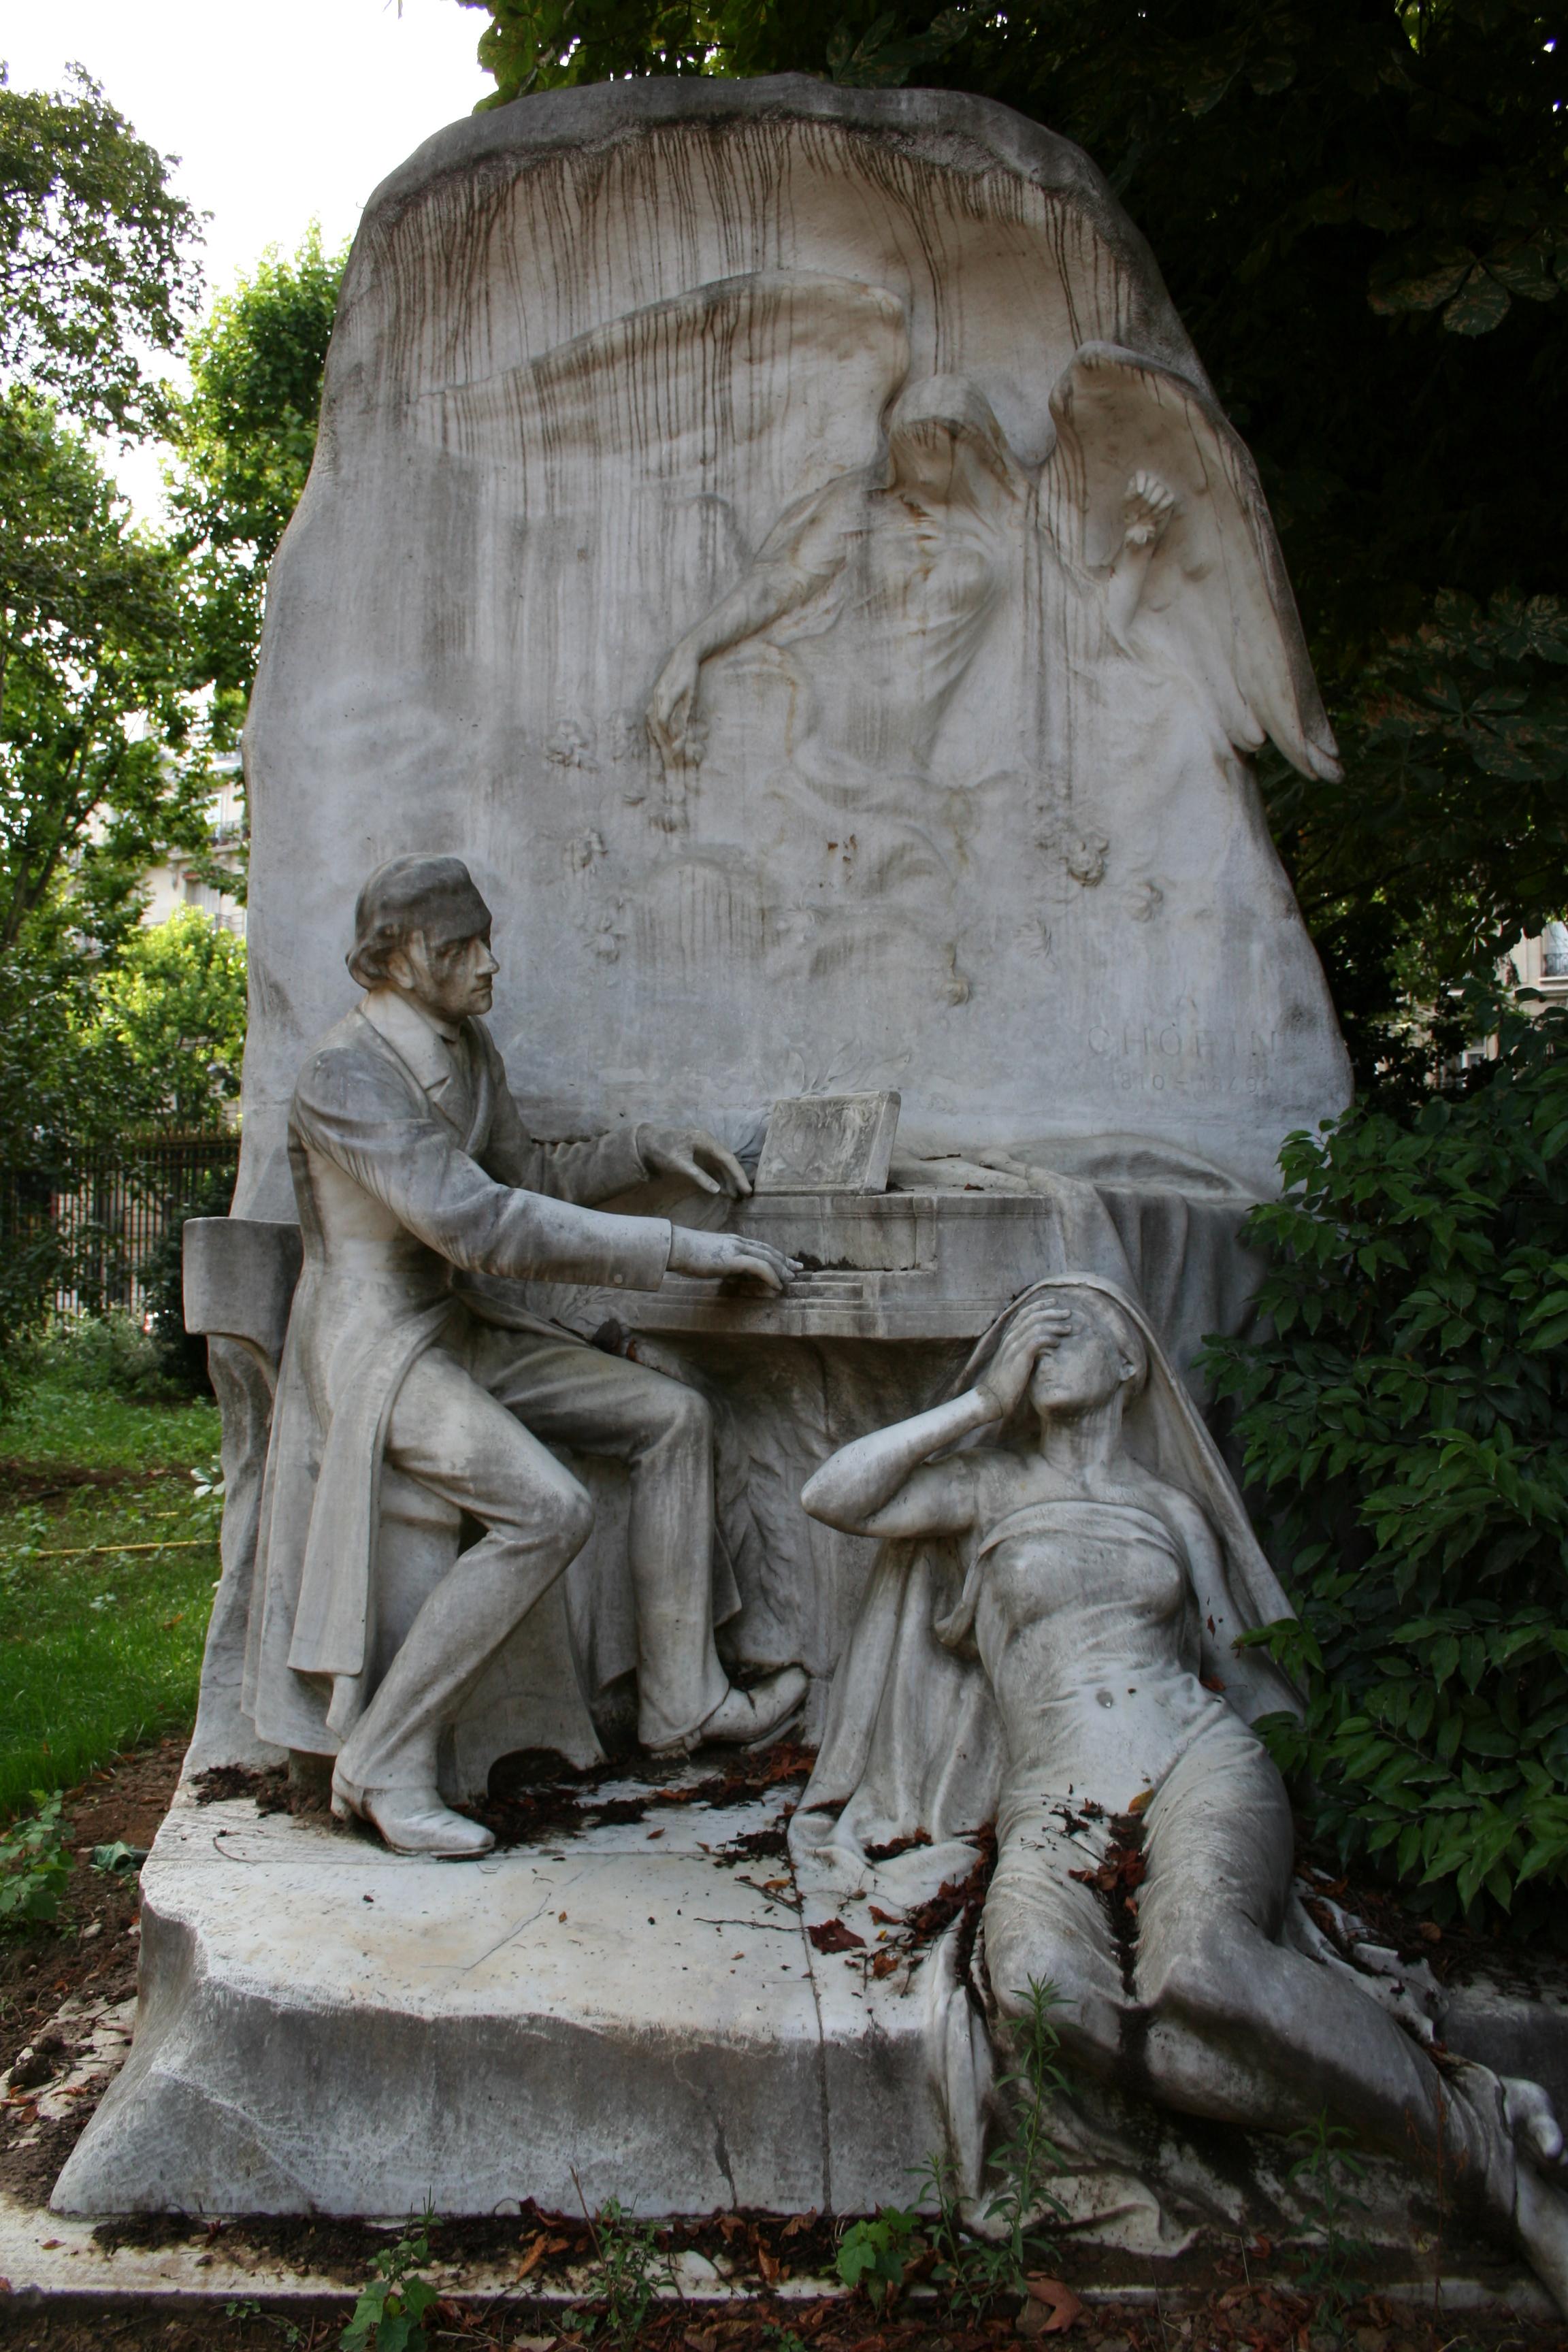 Monumento a Chopin en el parque Monceau, París